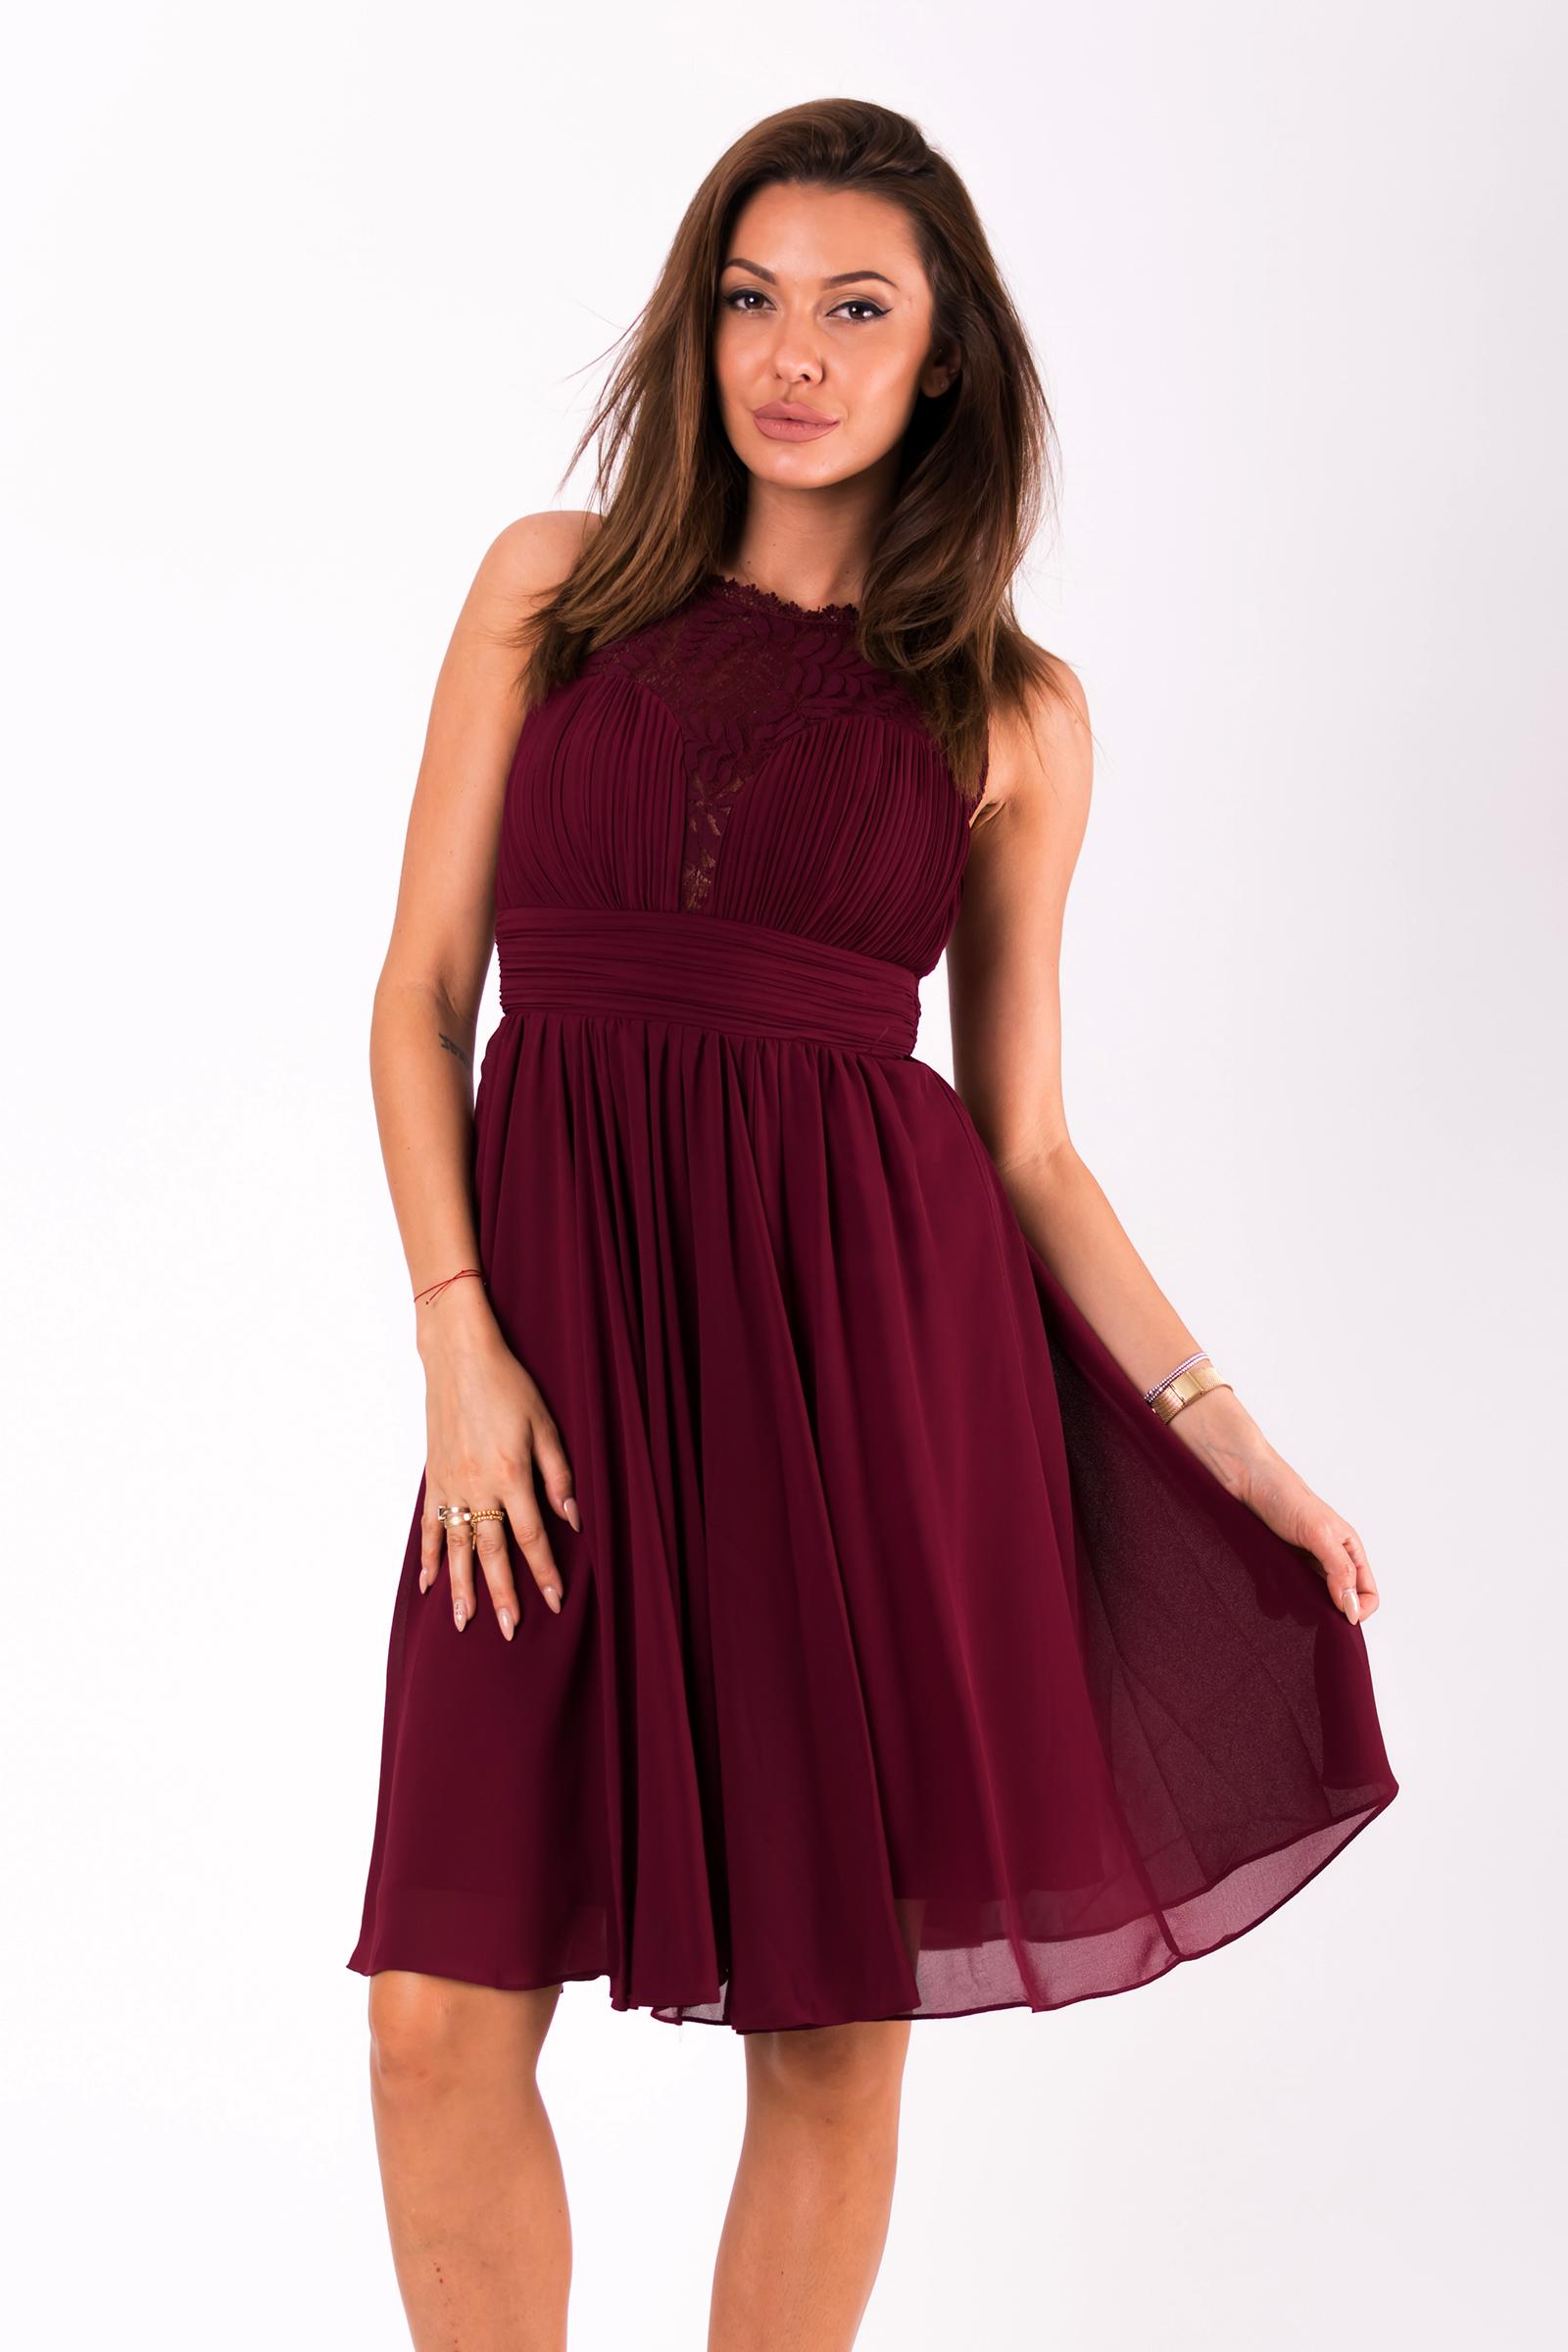 Dámské společenské šaty Louise bez rukávů s krajkou bordó 586494a1d9